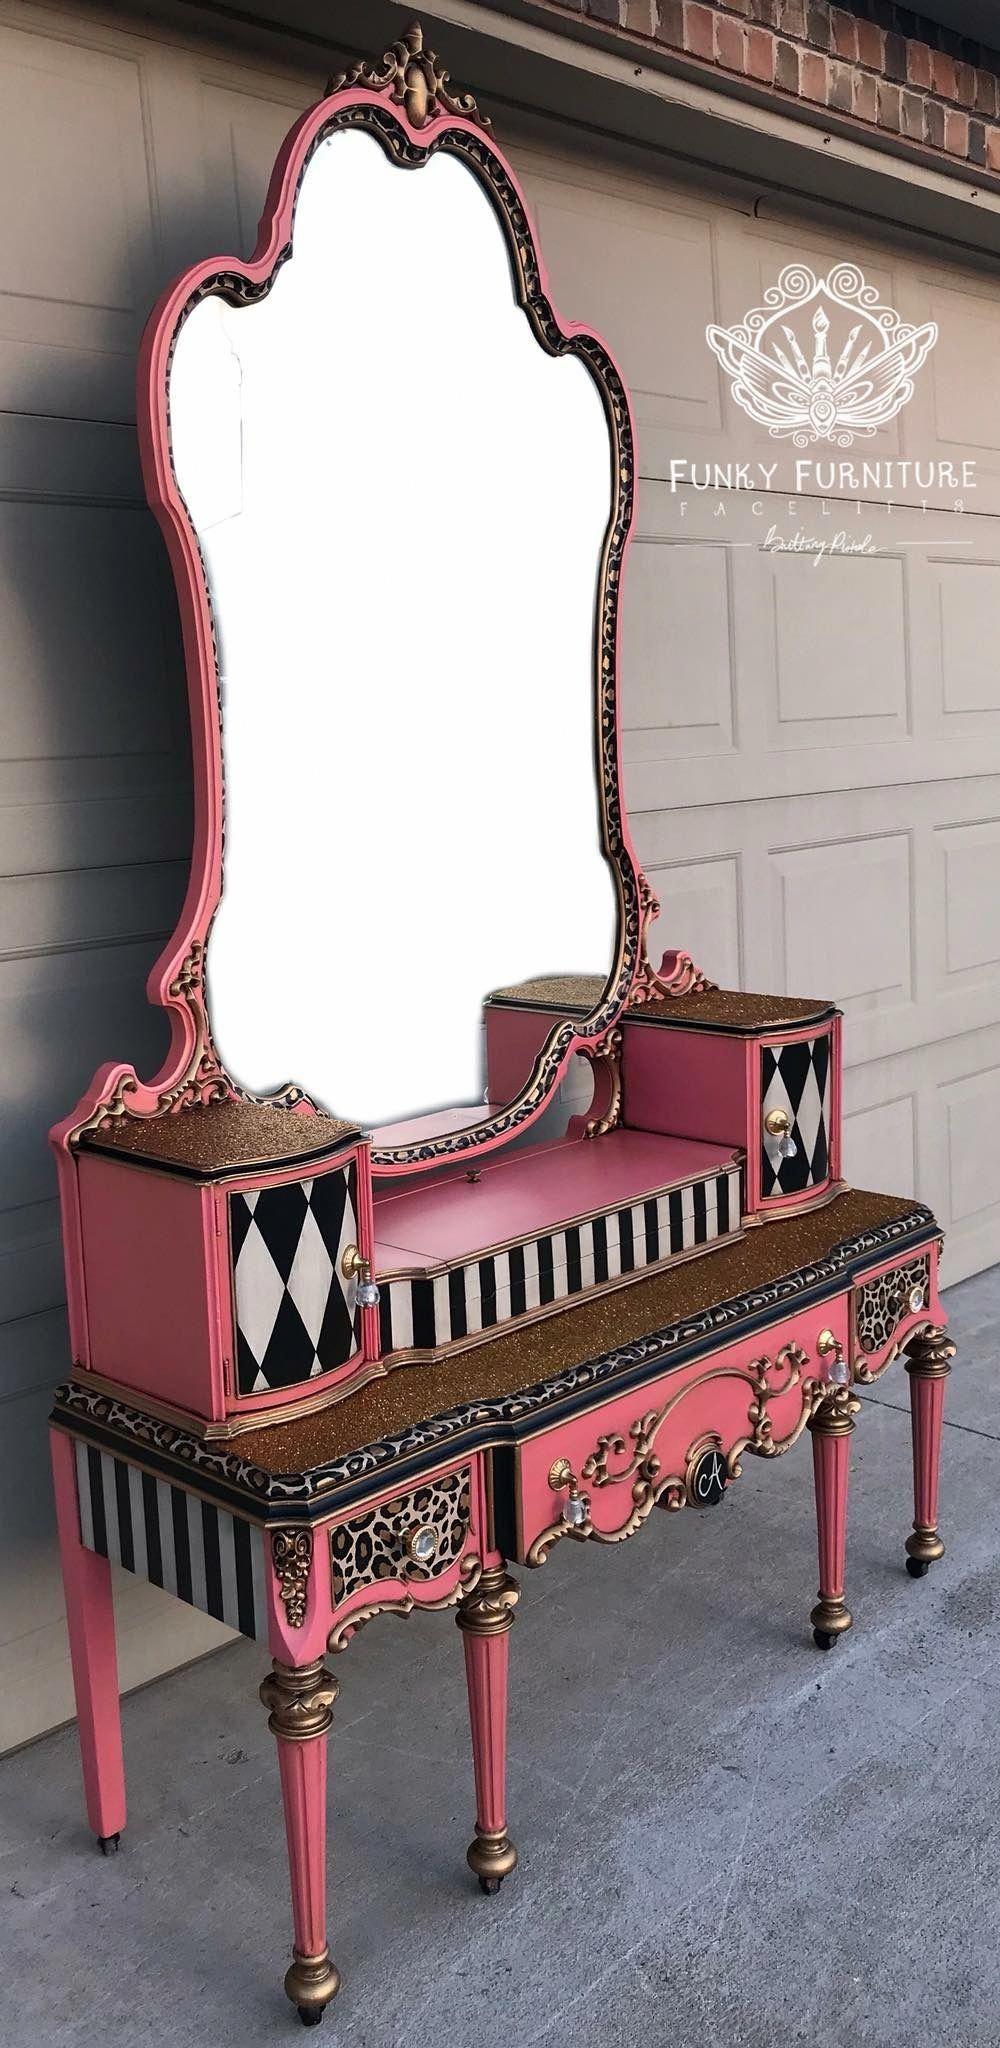 funky mobili per ufficio #Tappezzeria   Diy bedroom decor ...